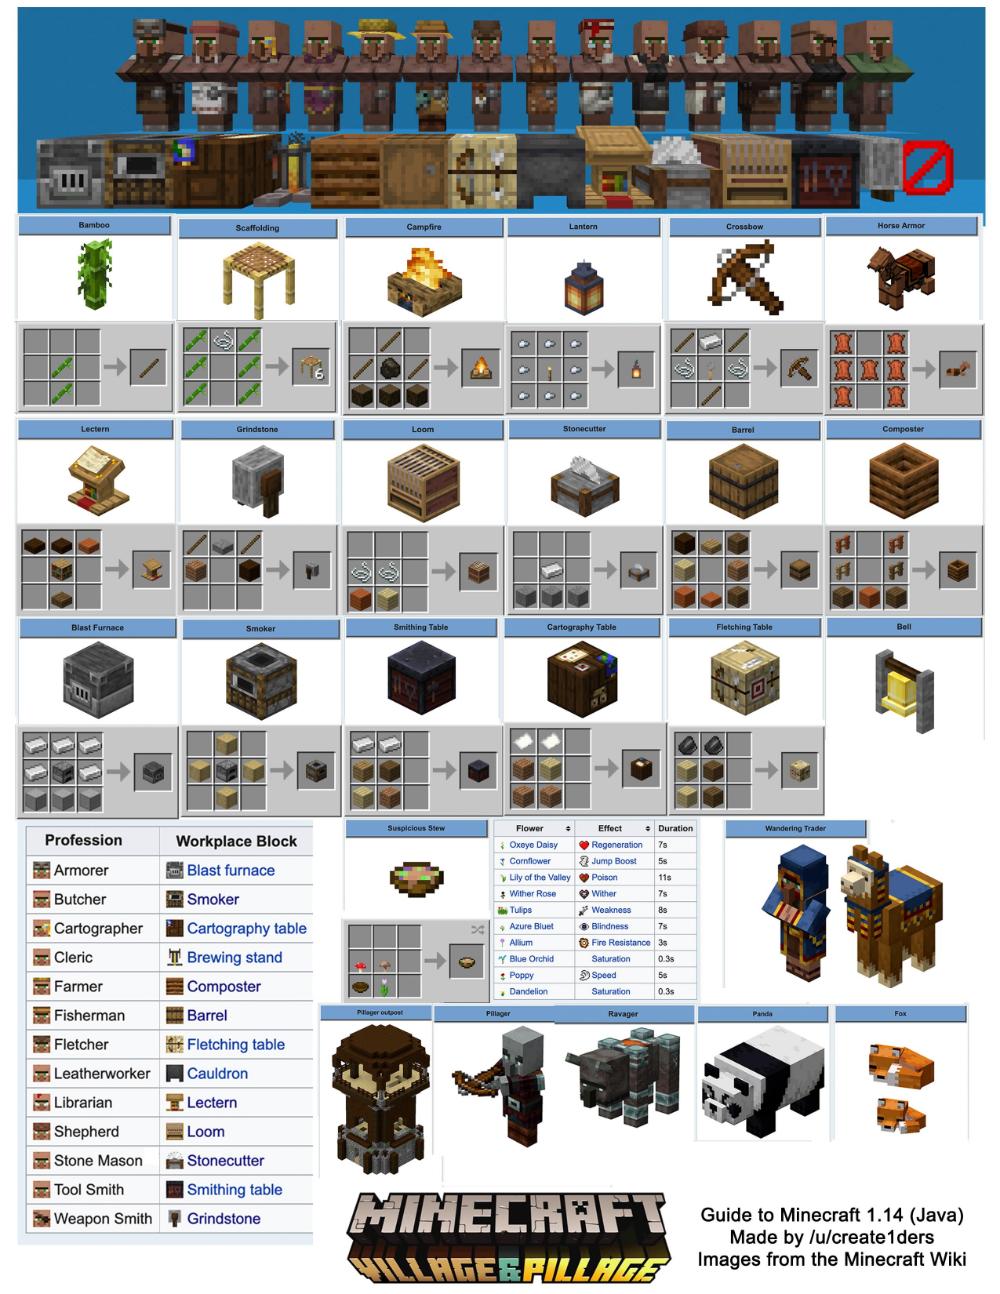 minecraft villagers jobs list - Google Search  Minecraft designs